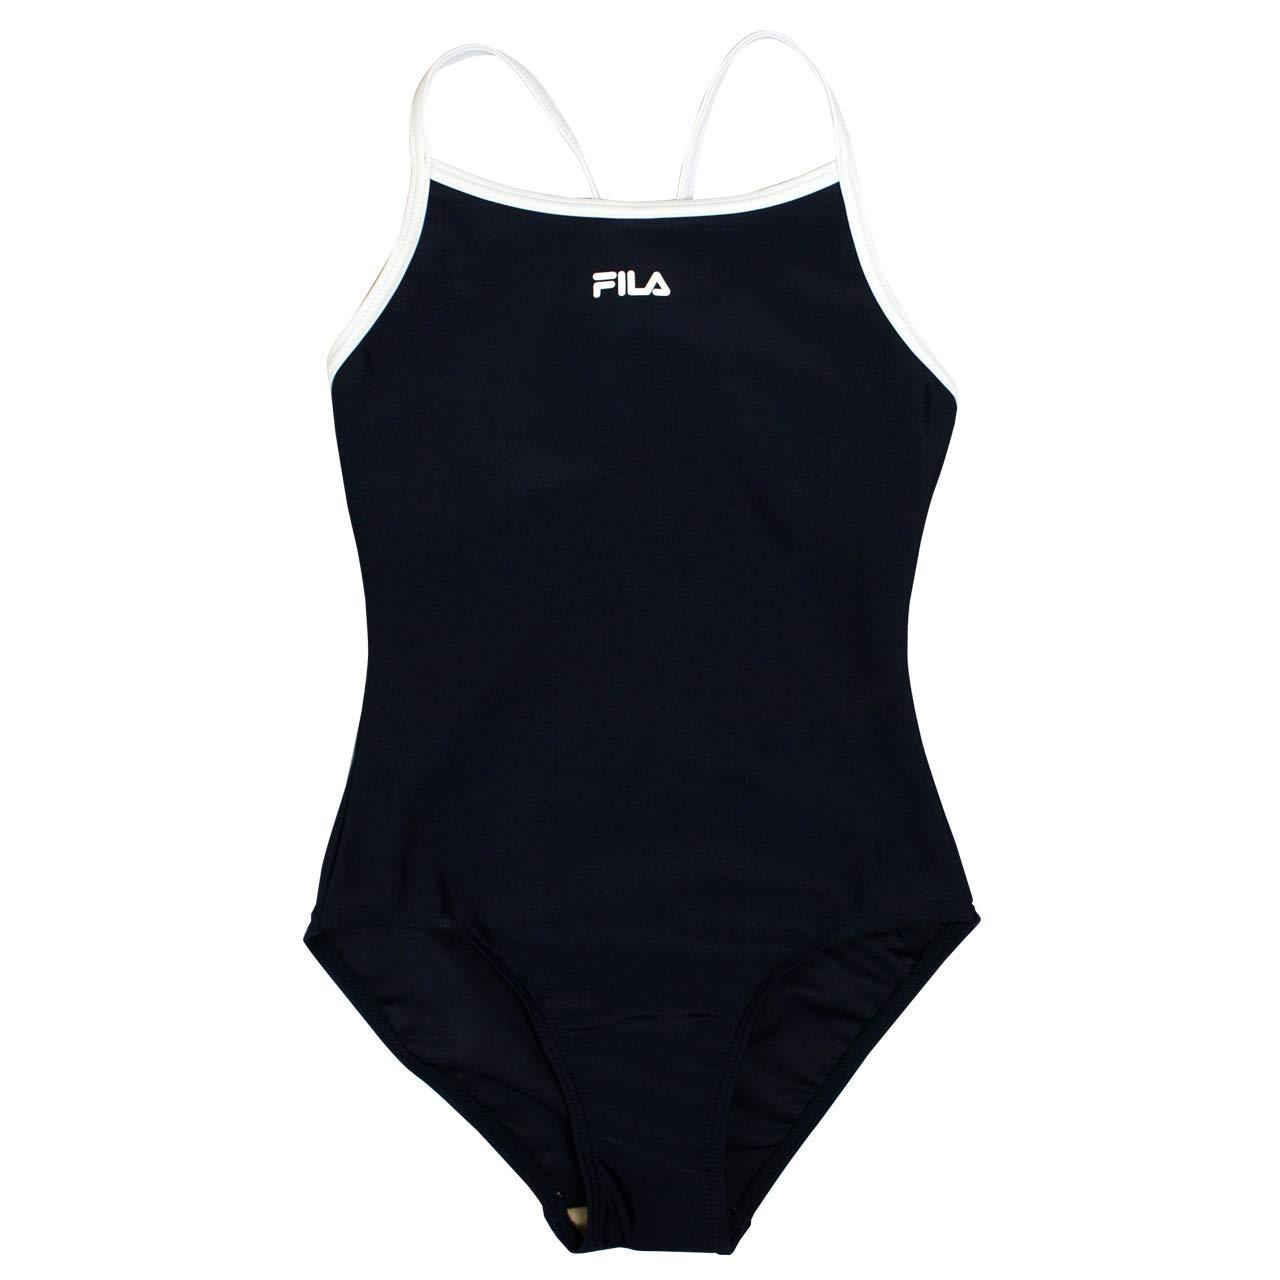 b193e7a415a Amazon | FILA(フィラ) スクール水着 子供 女の子 ワンピース水着 女子 子供水着 ネイビー-ホワイト 170cm | 水着 通販